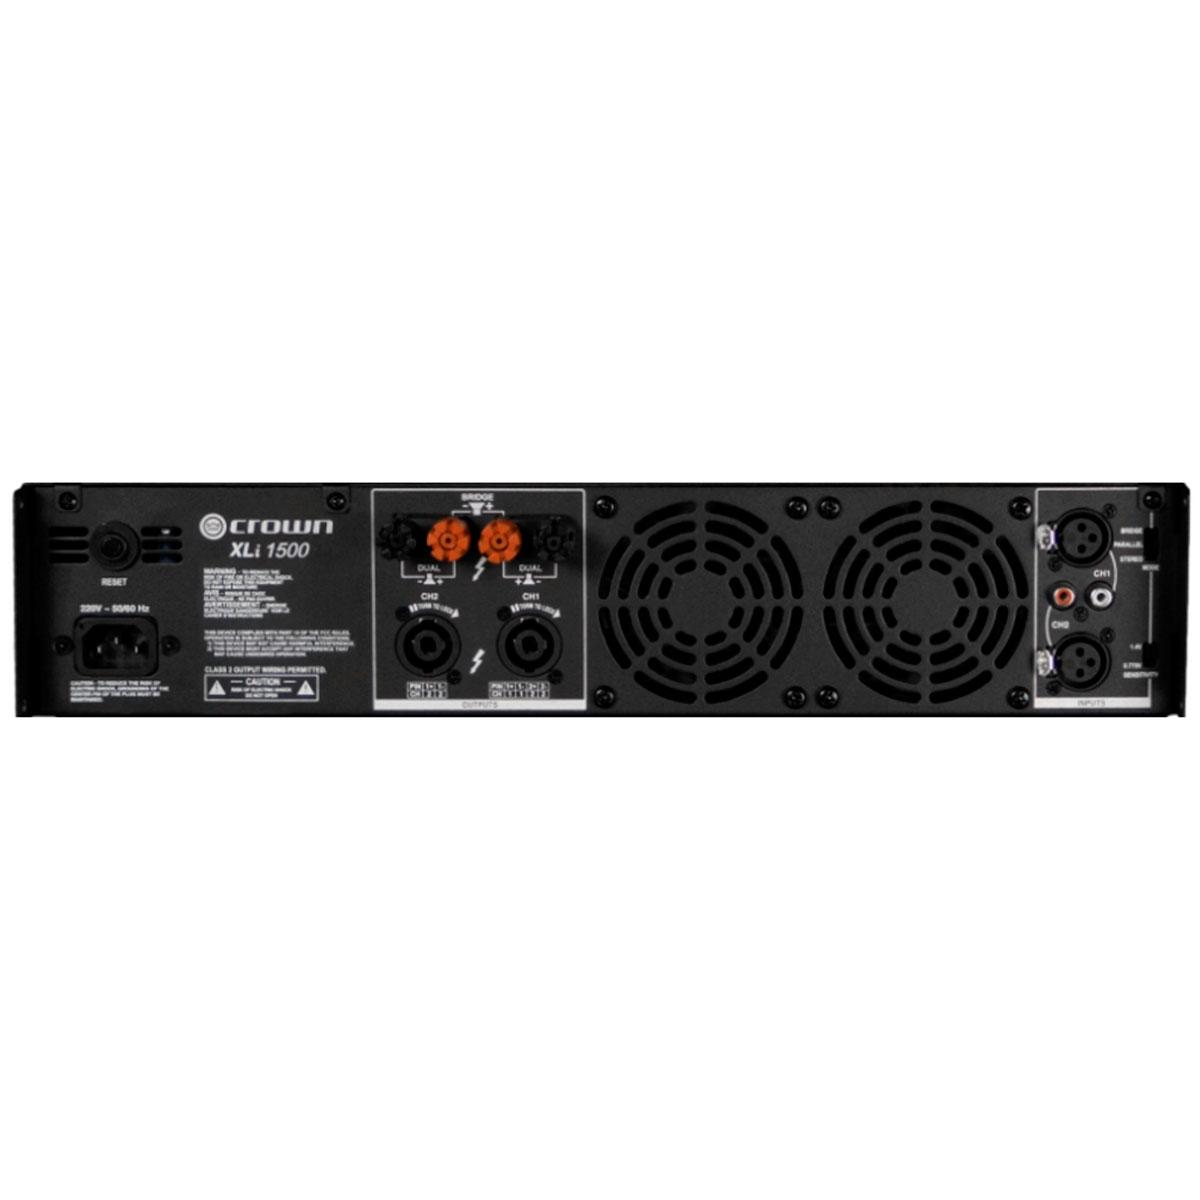 XLI1500 - Amplificador Est�reo 2 Canais 900W XLI 1500 - Crown